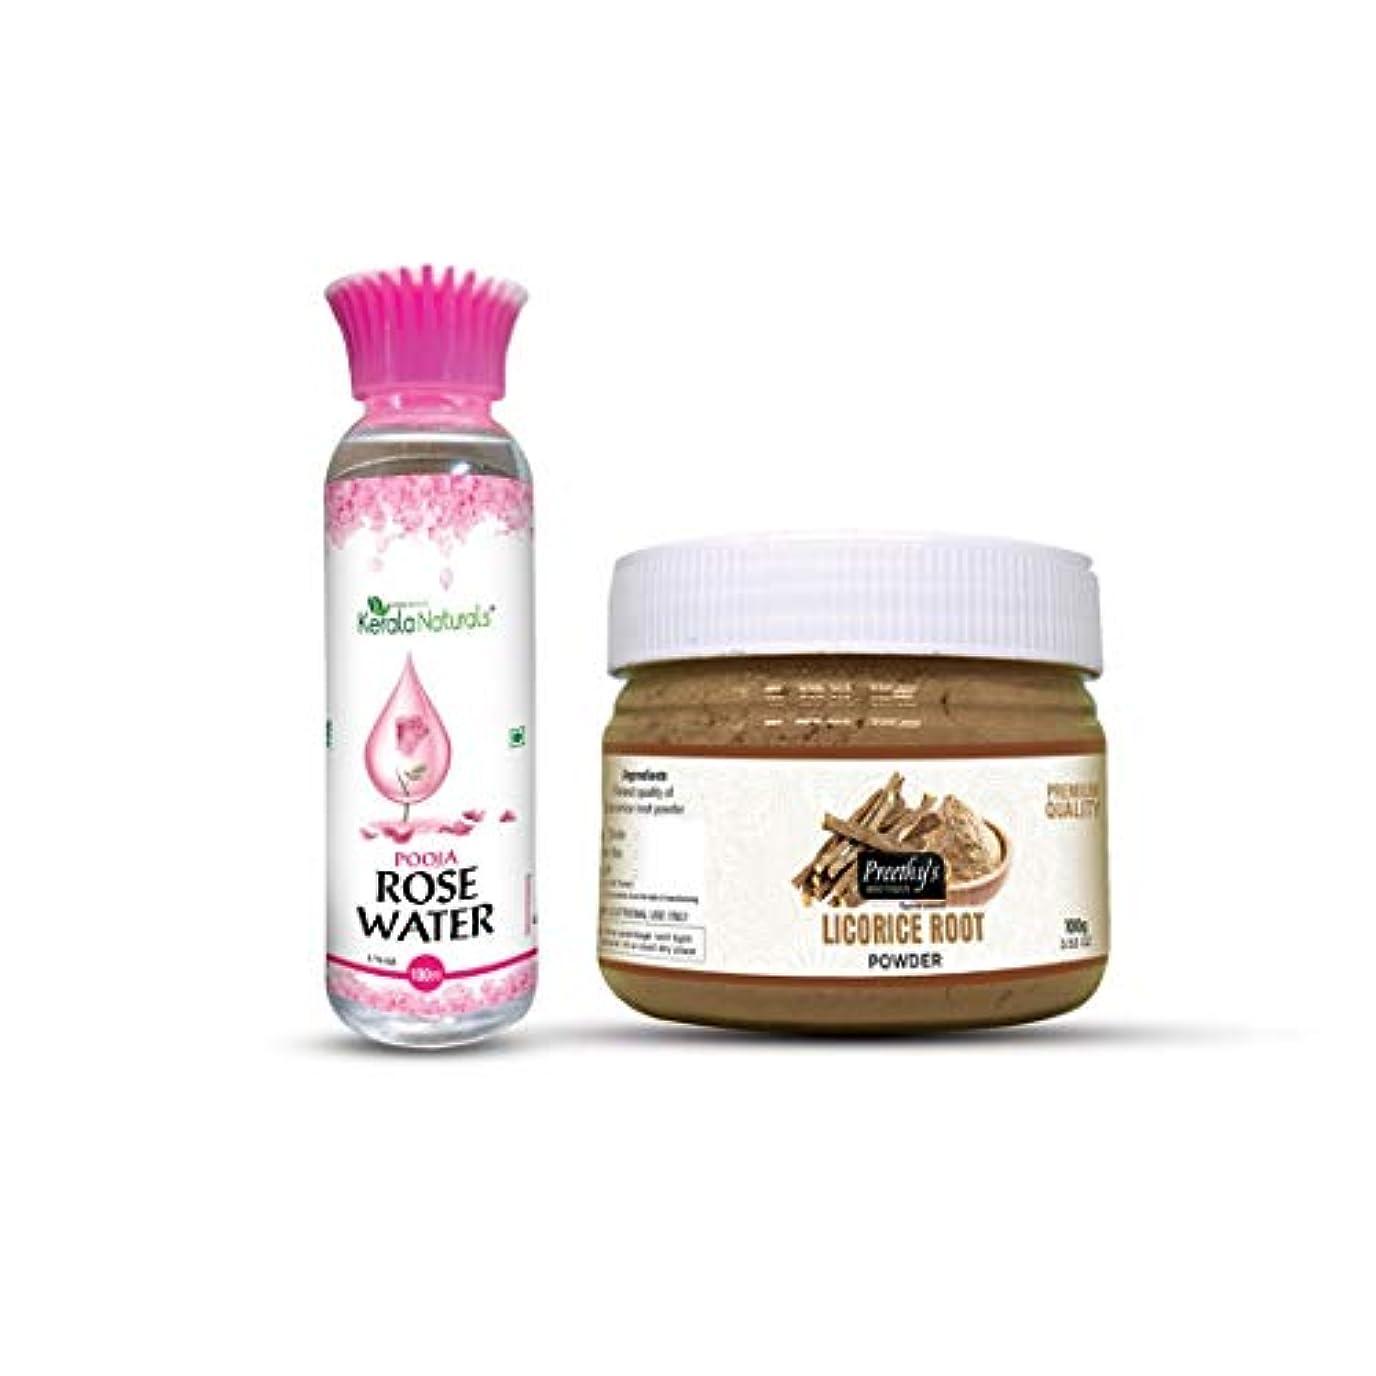 絞る種洪水Combo of Licorice root powder 100gm + Rose water 100ml - Natural Remedies for Skin Disorders, Fade Dark Spots, Natural Cleanser - 甘草の根パウダー100gm +ローズウォーター100mlのコンボ-皮膚疾患、フェードダークスポット、ナチュラルクレンザーの自然療法